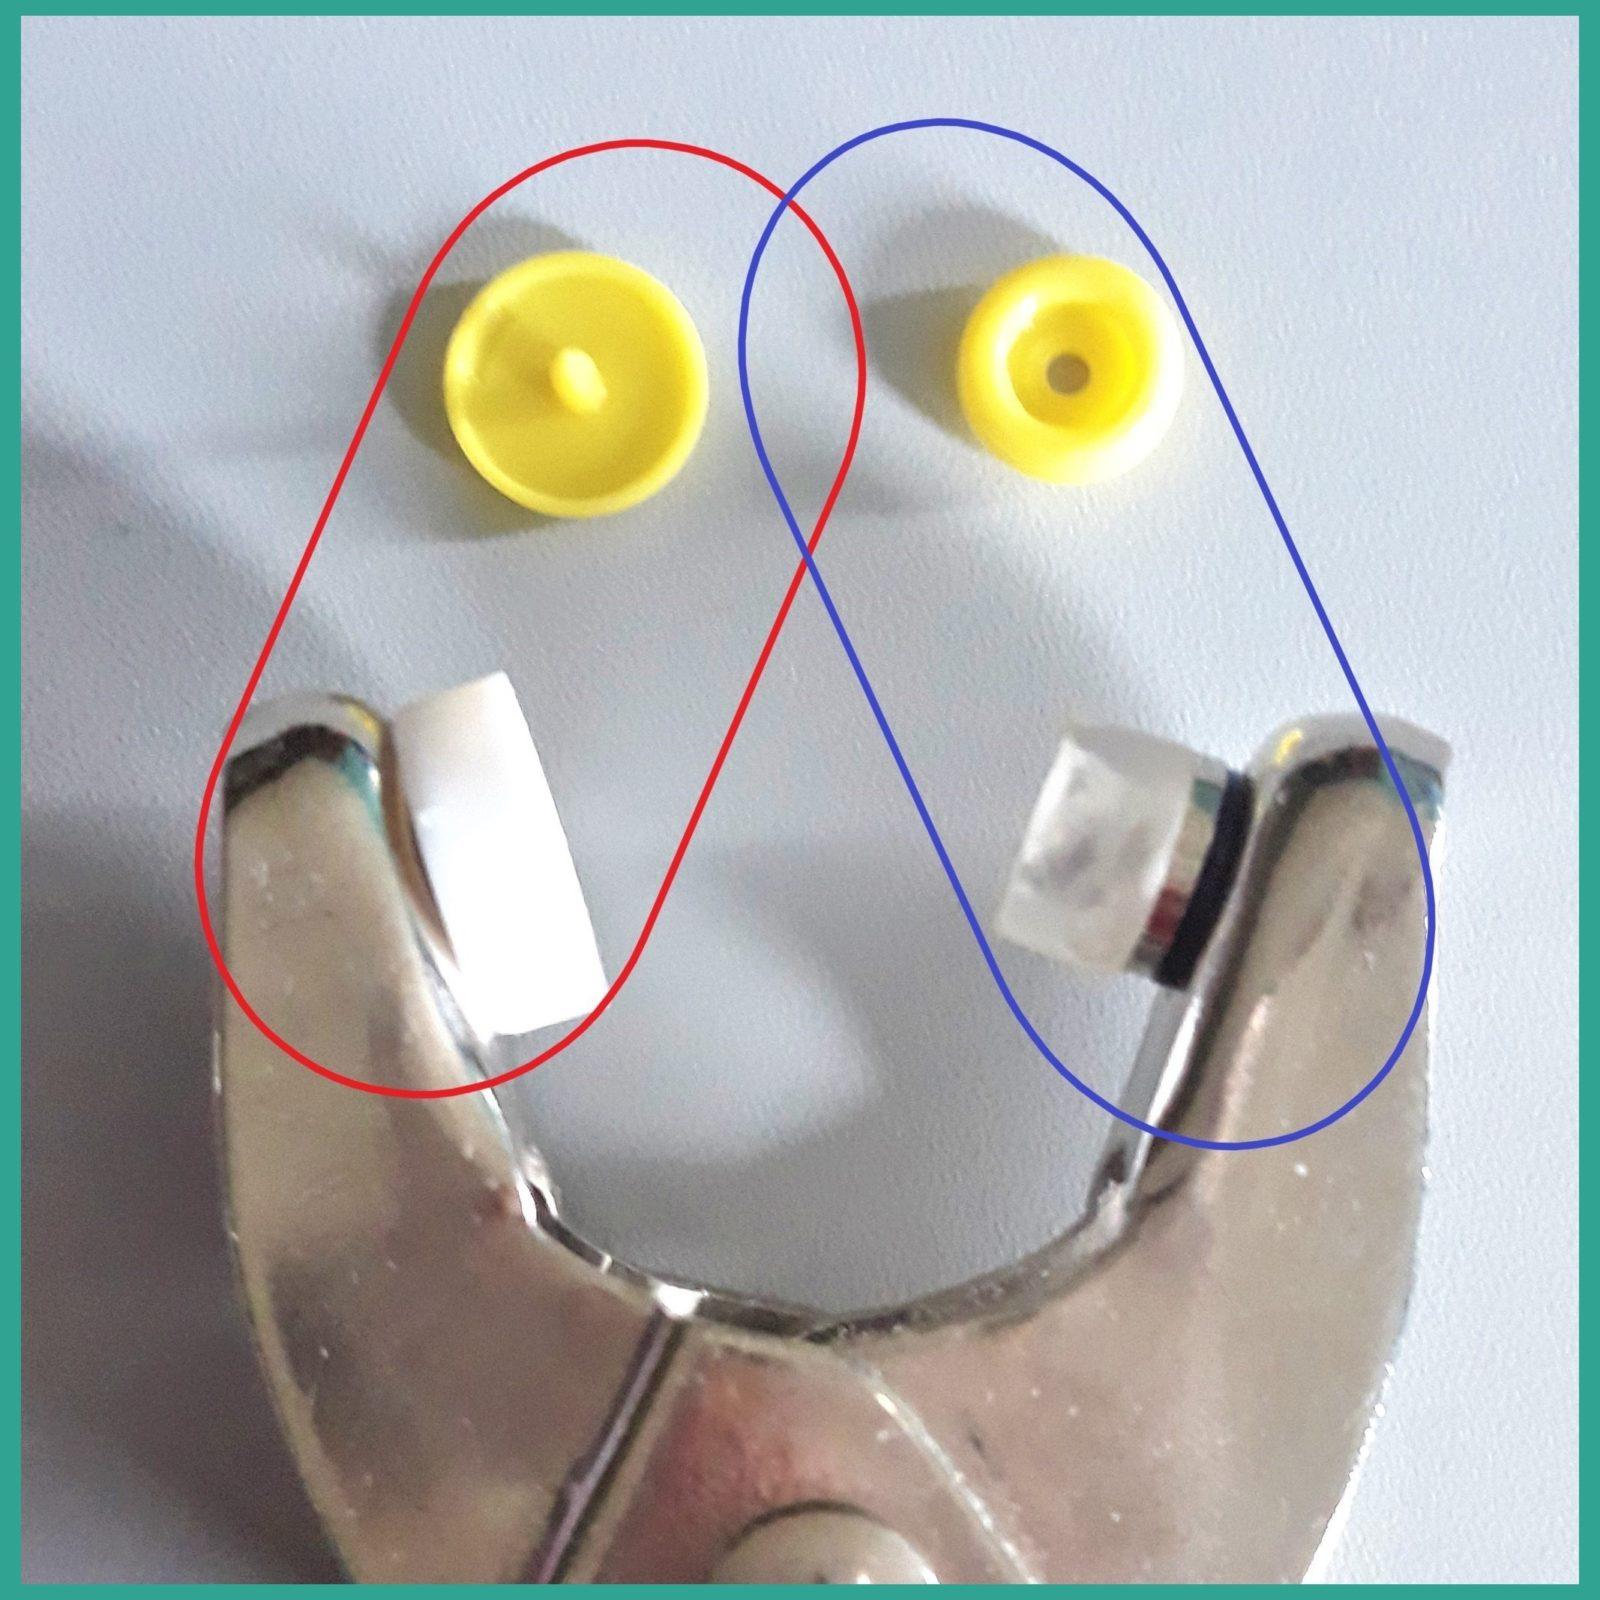 Comment poser des boutons pression snaps avec la pince Prym ?